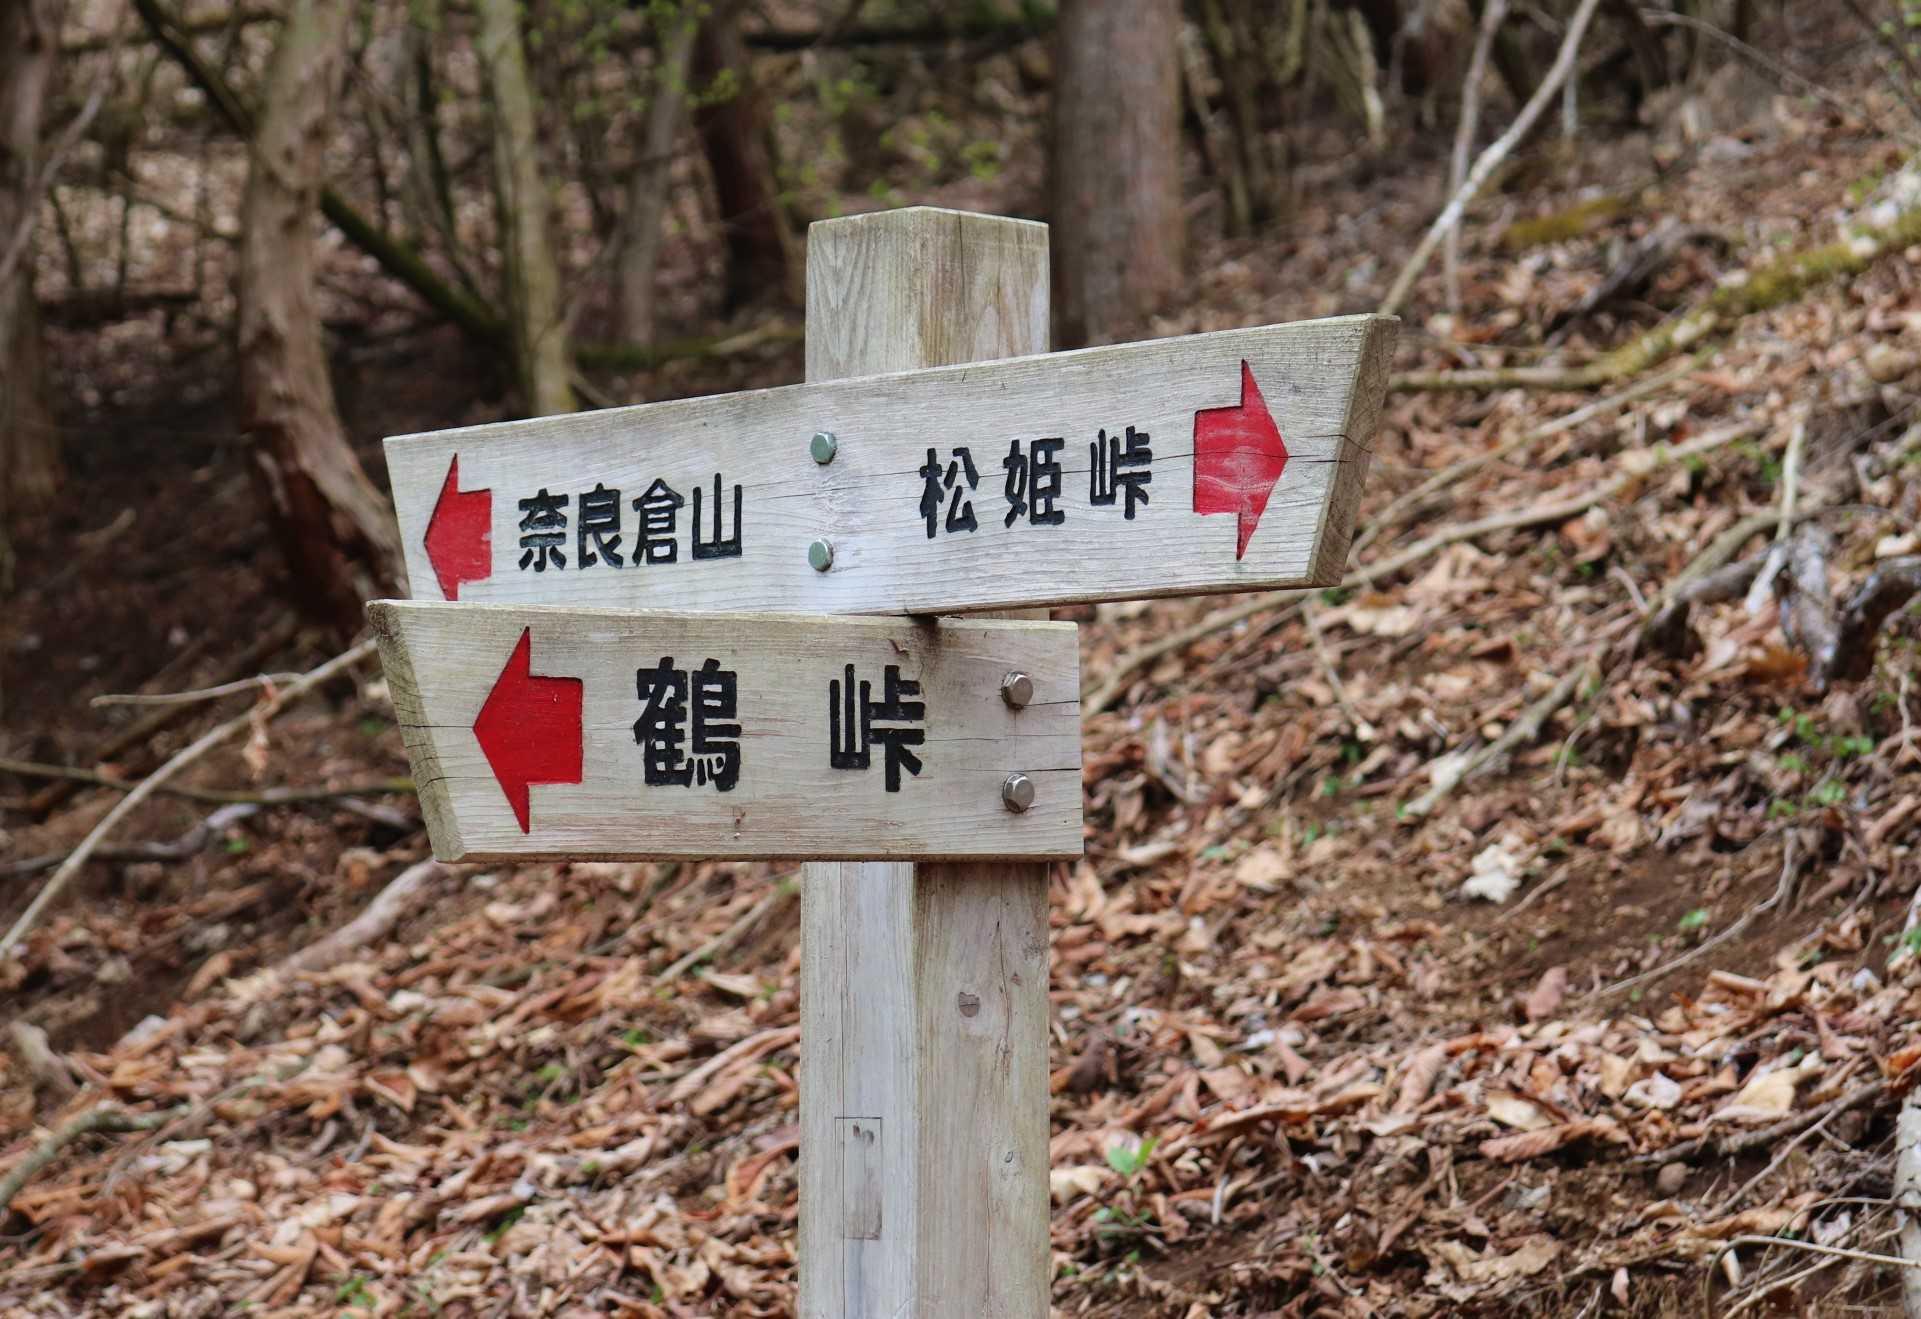 奈良倉山|鶴峠から秀麗富嶽十二景の奈良倉山へ挑戦!下山は人気のトチ ...